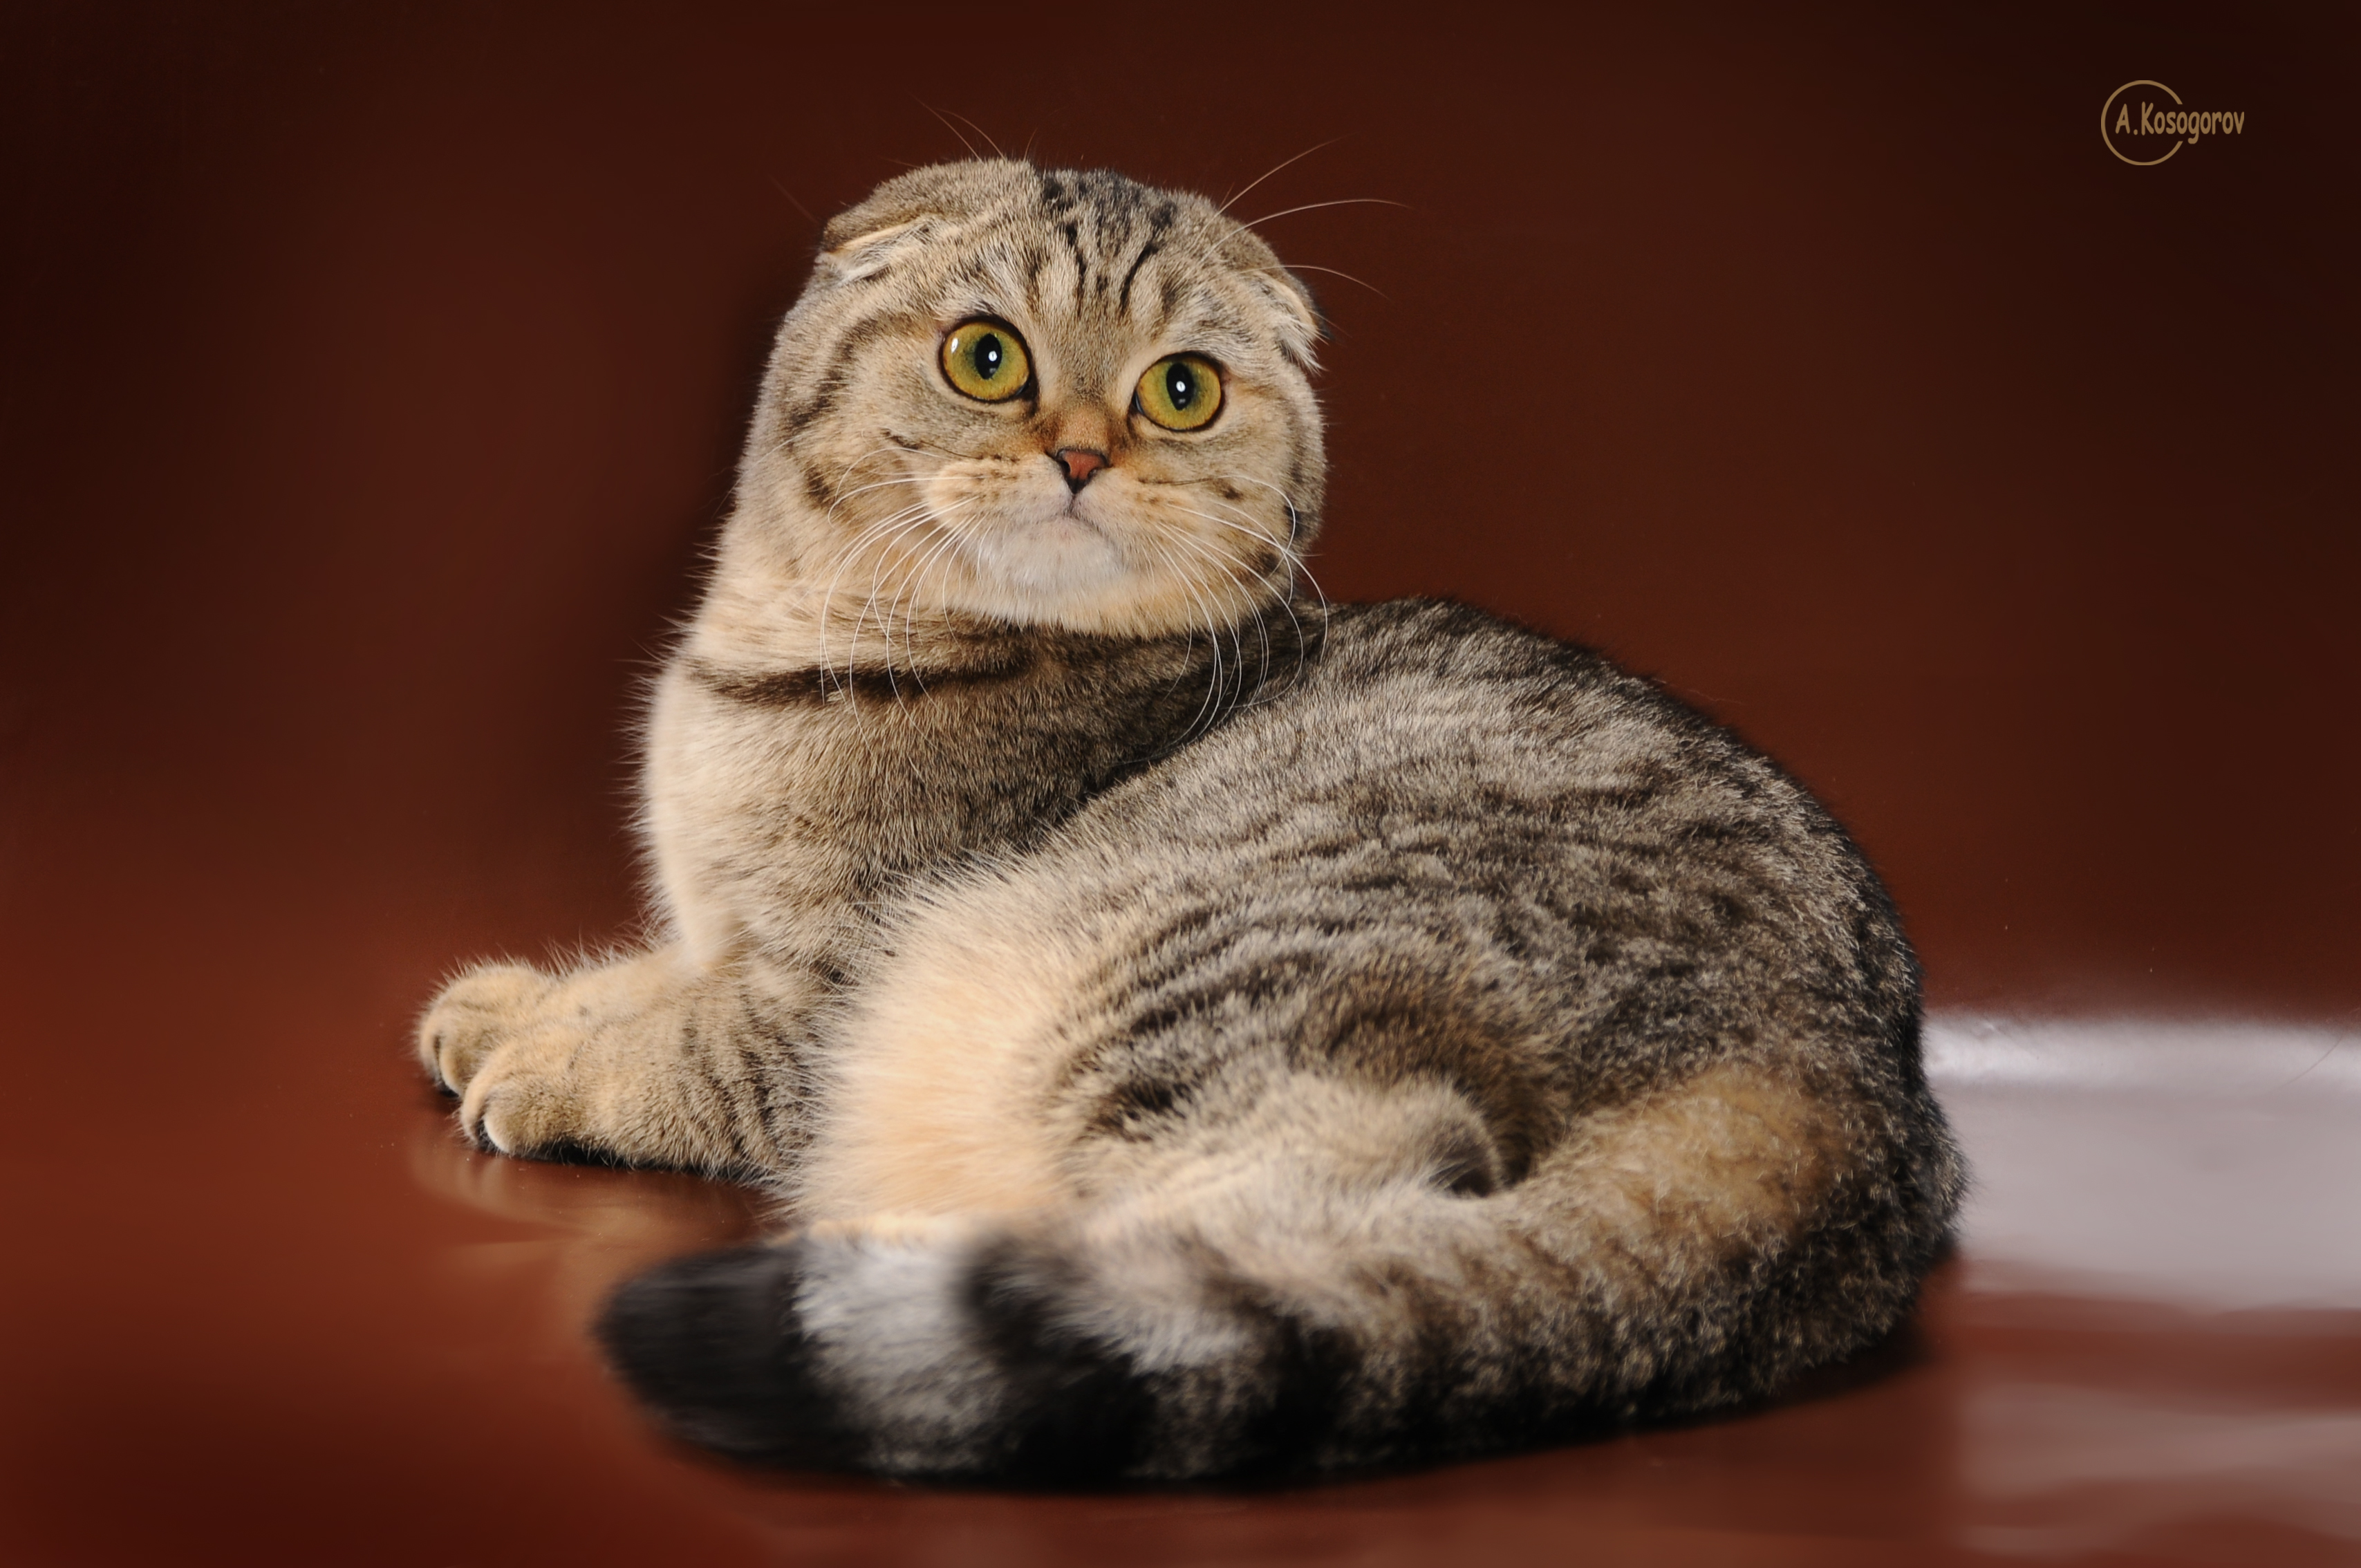 Фото настоящей шотландской вислоухой кошки